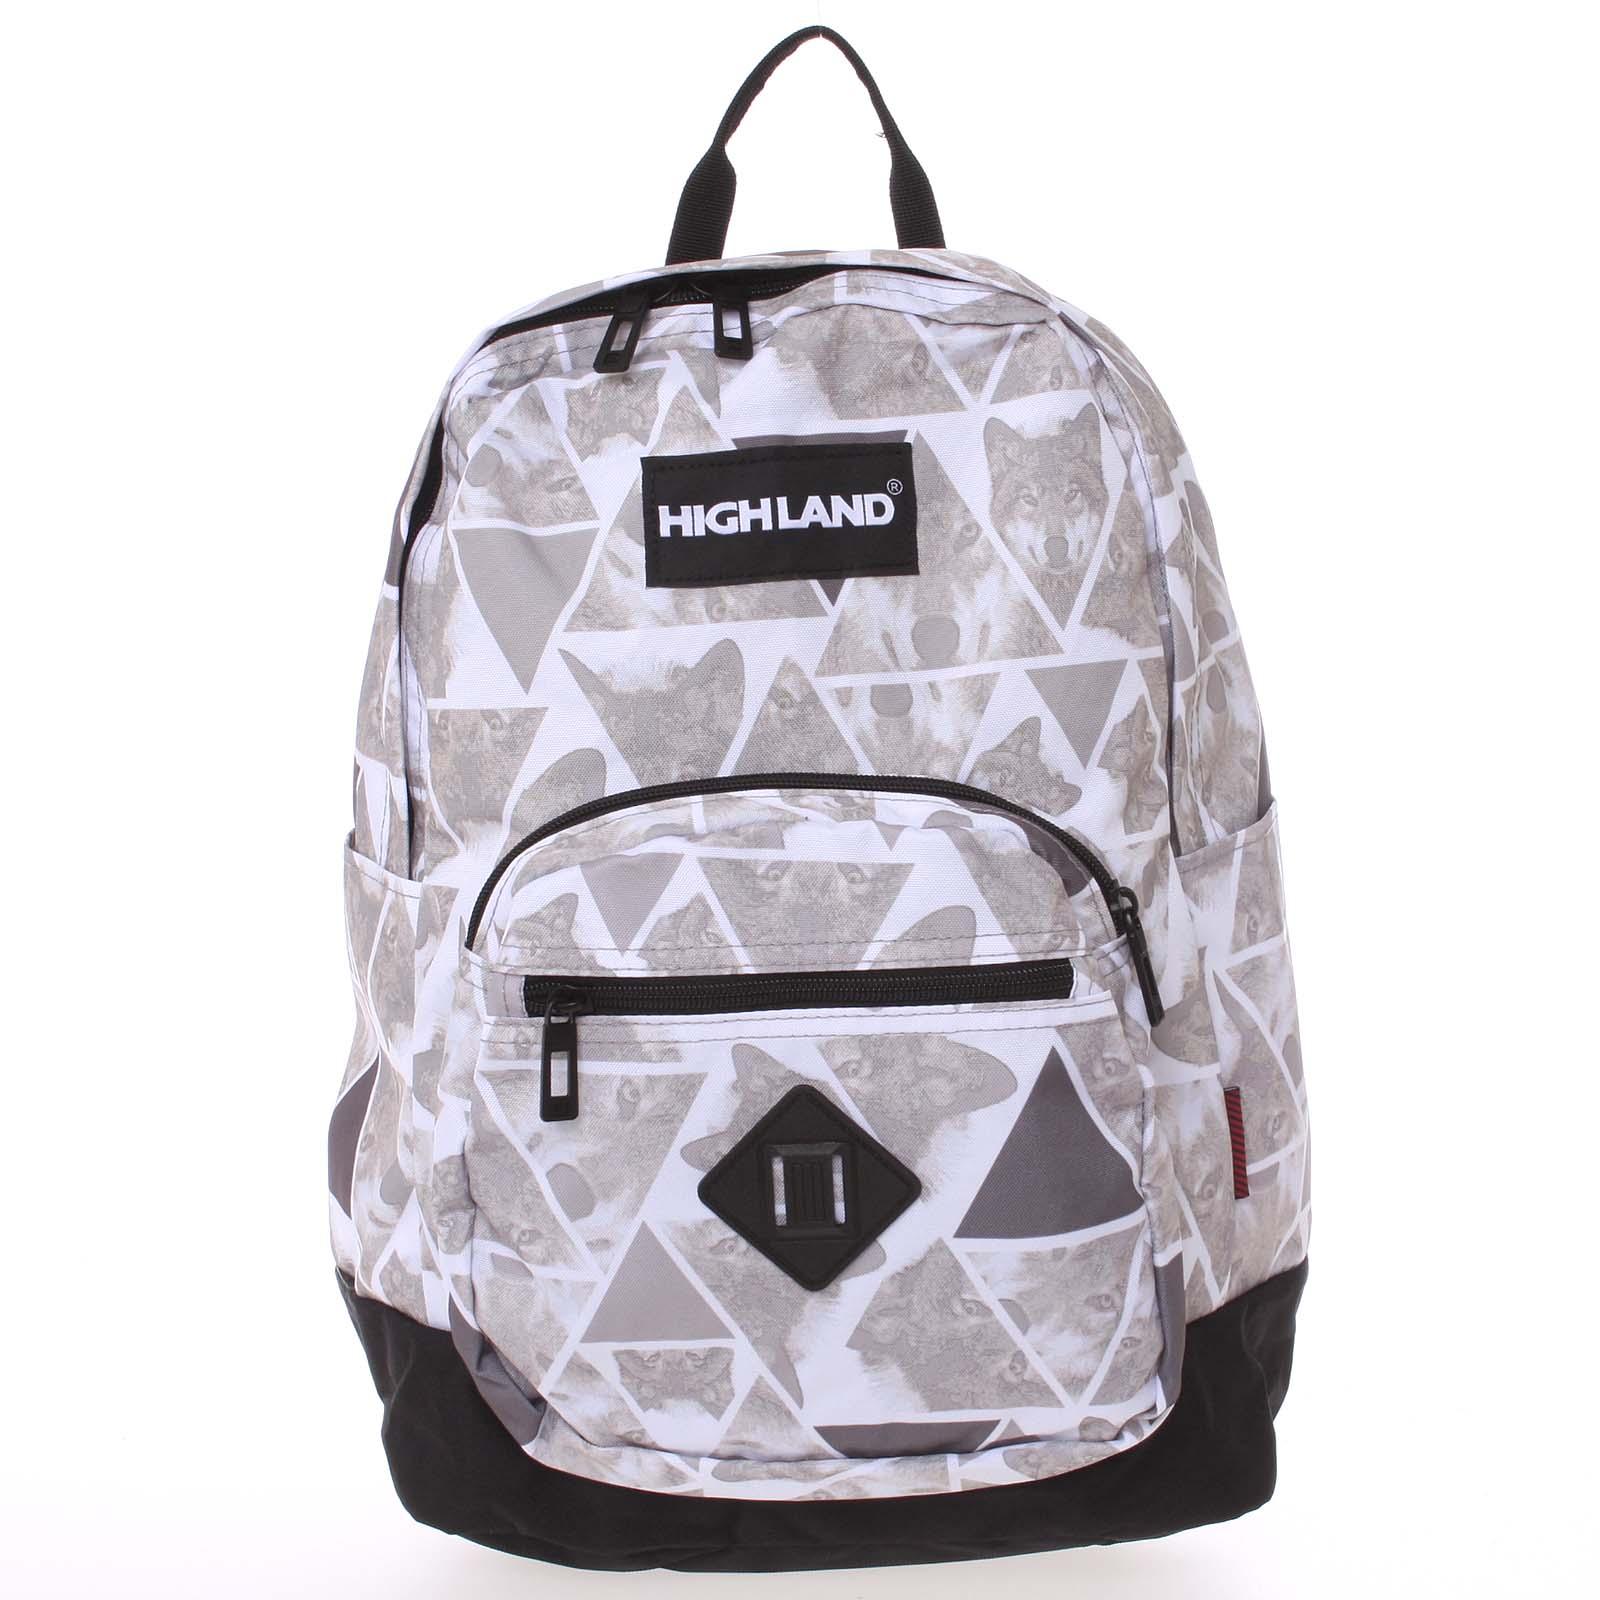 Originální lehký školní a cestovní batoh šedo bílý - Highland 8275